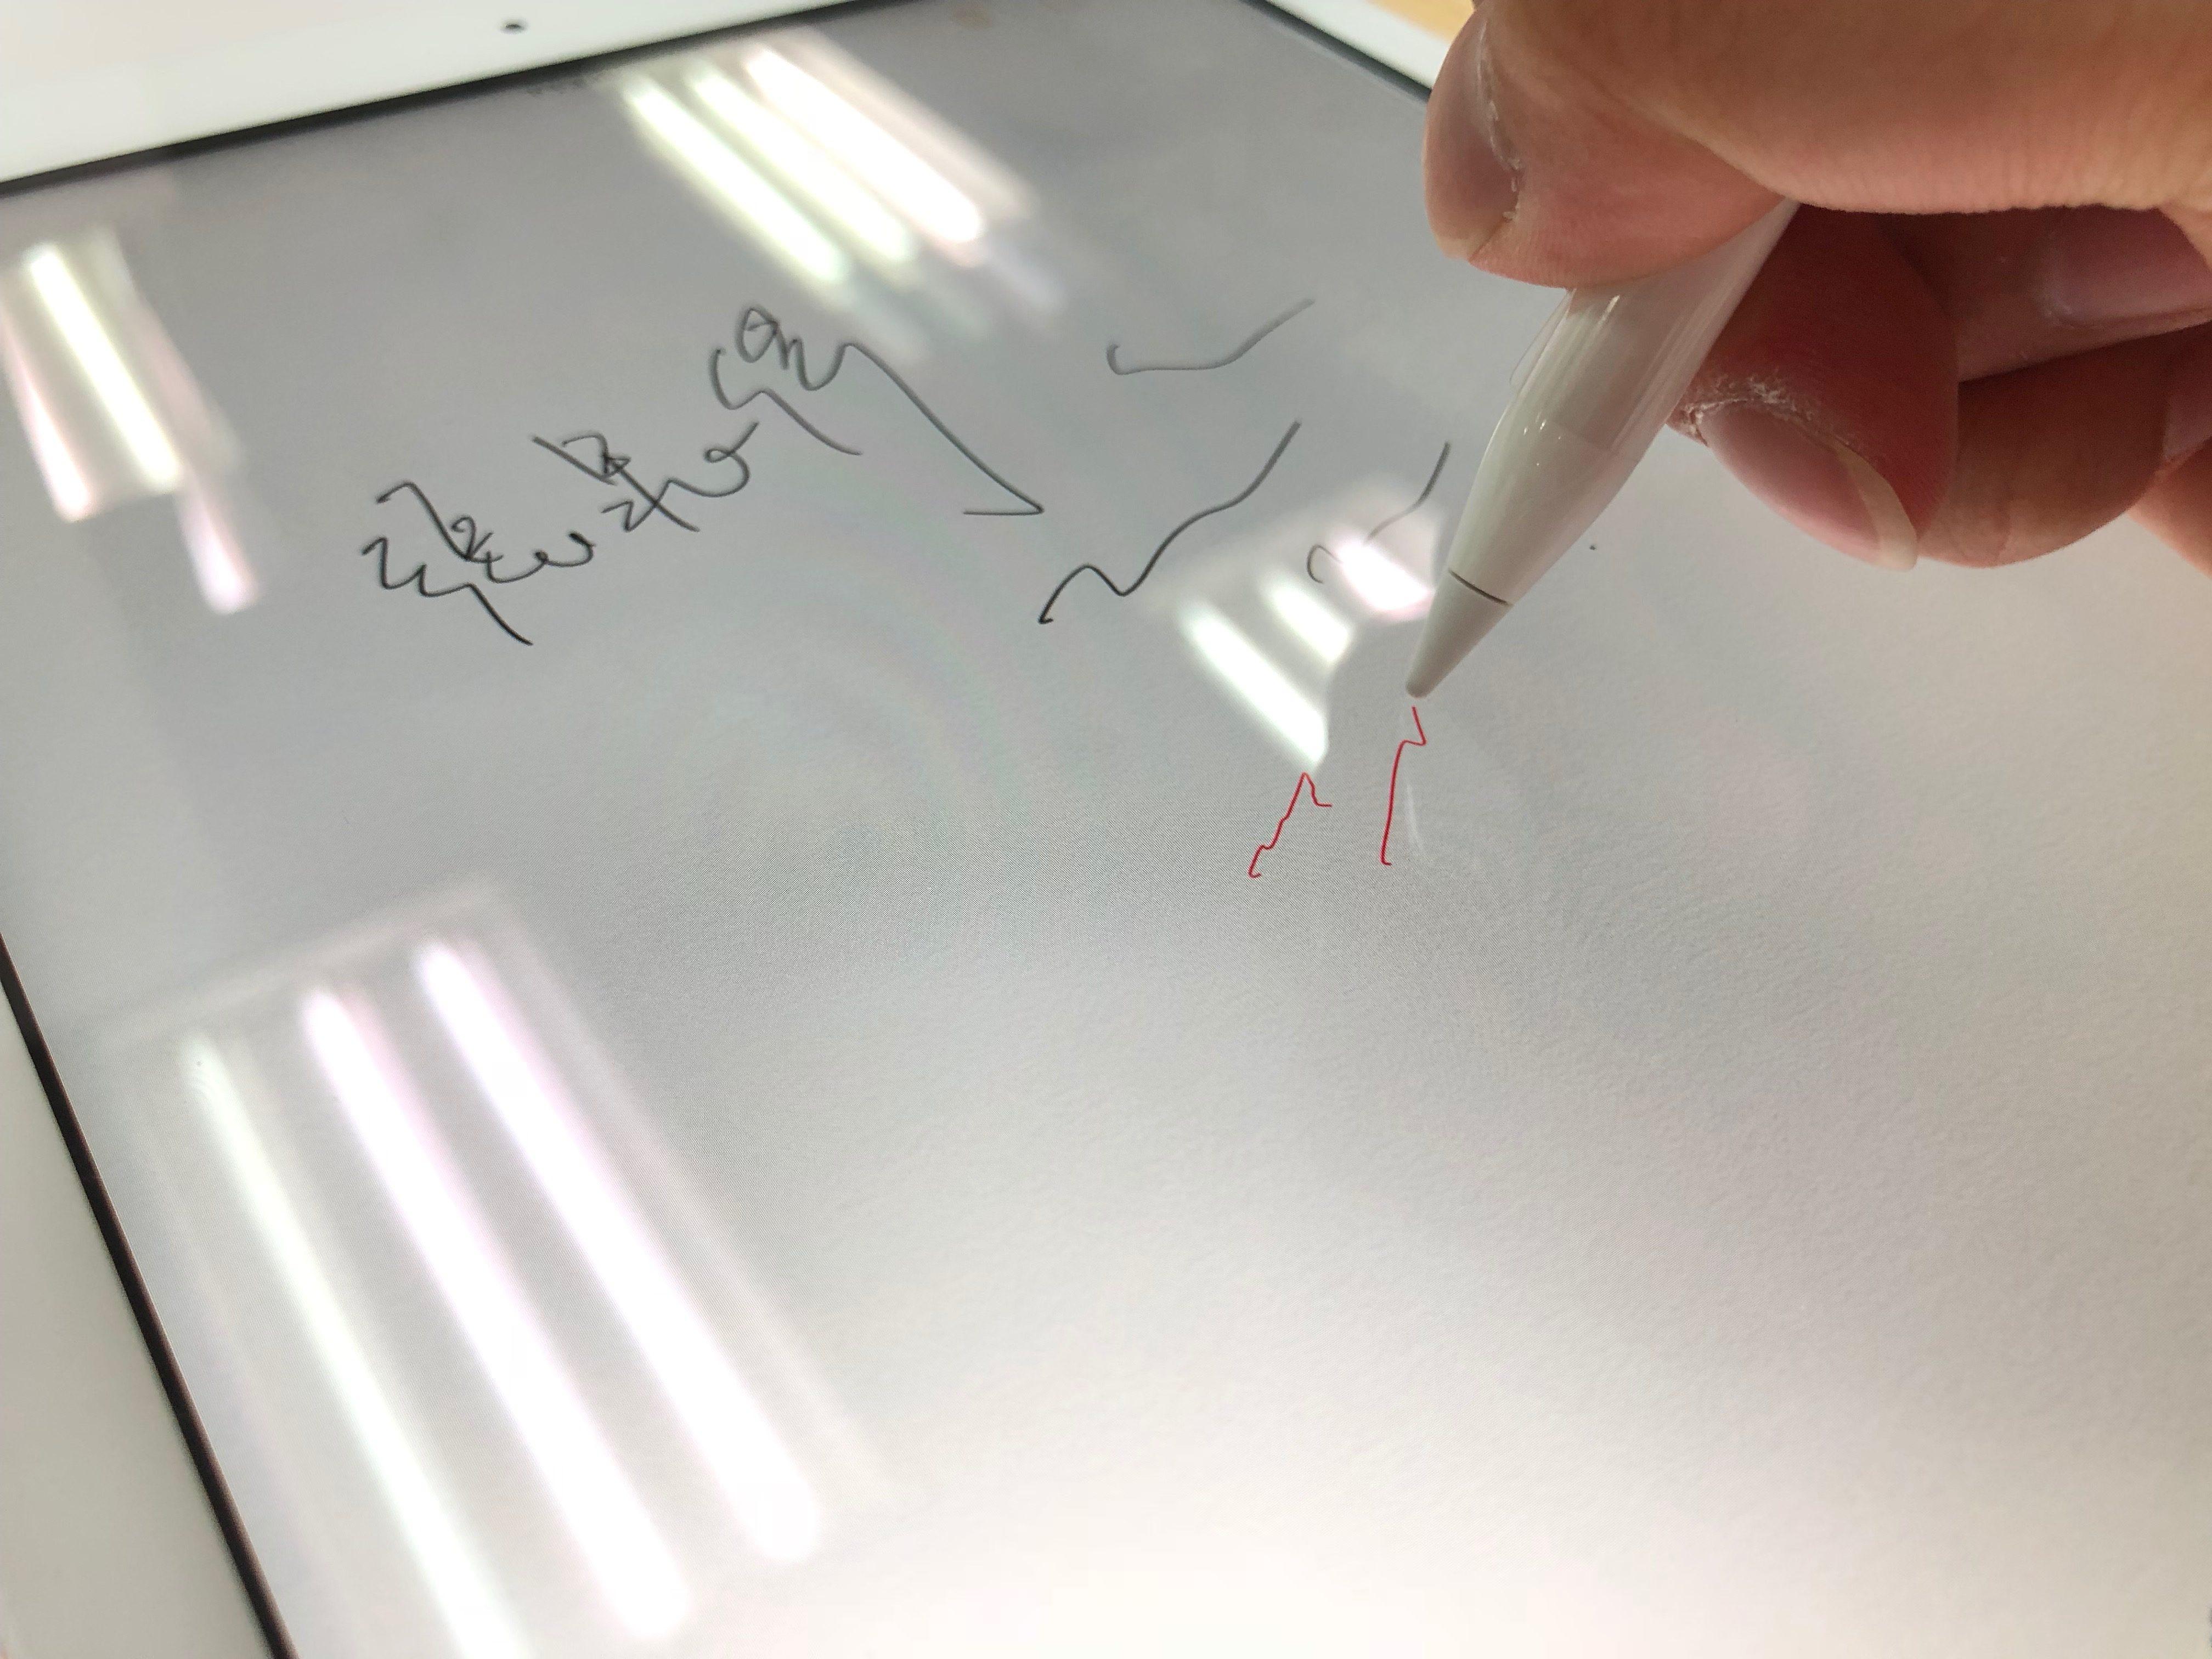 Apple Pencil 在 iPad 上的使用情形